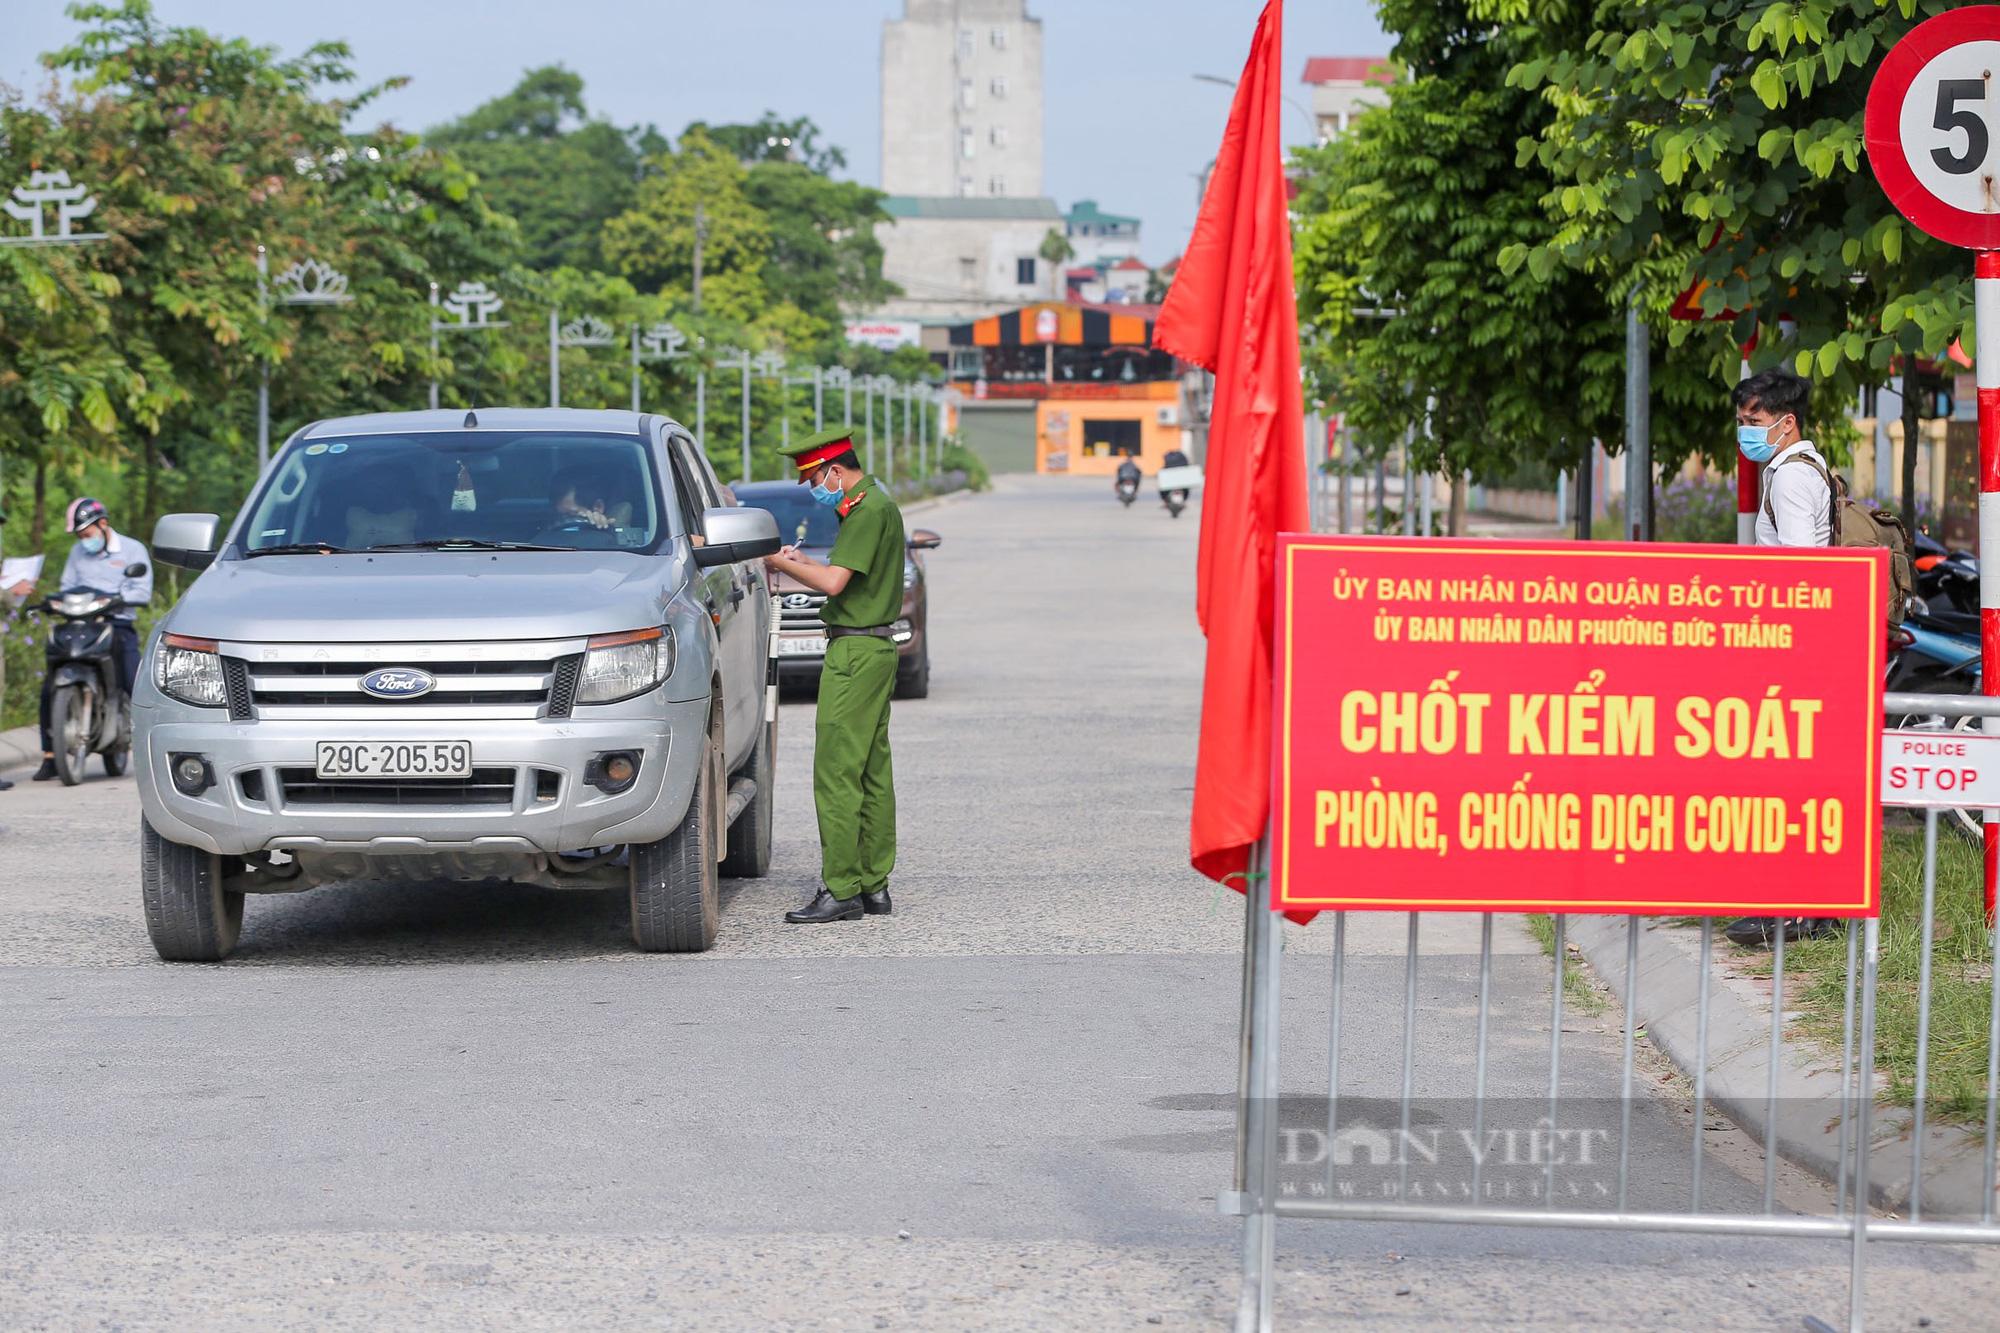 Chính phủ được quyết định các biện có thể áp dụng trong tình trạng khẩn cấp để chống dịch - Ảnh 3.